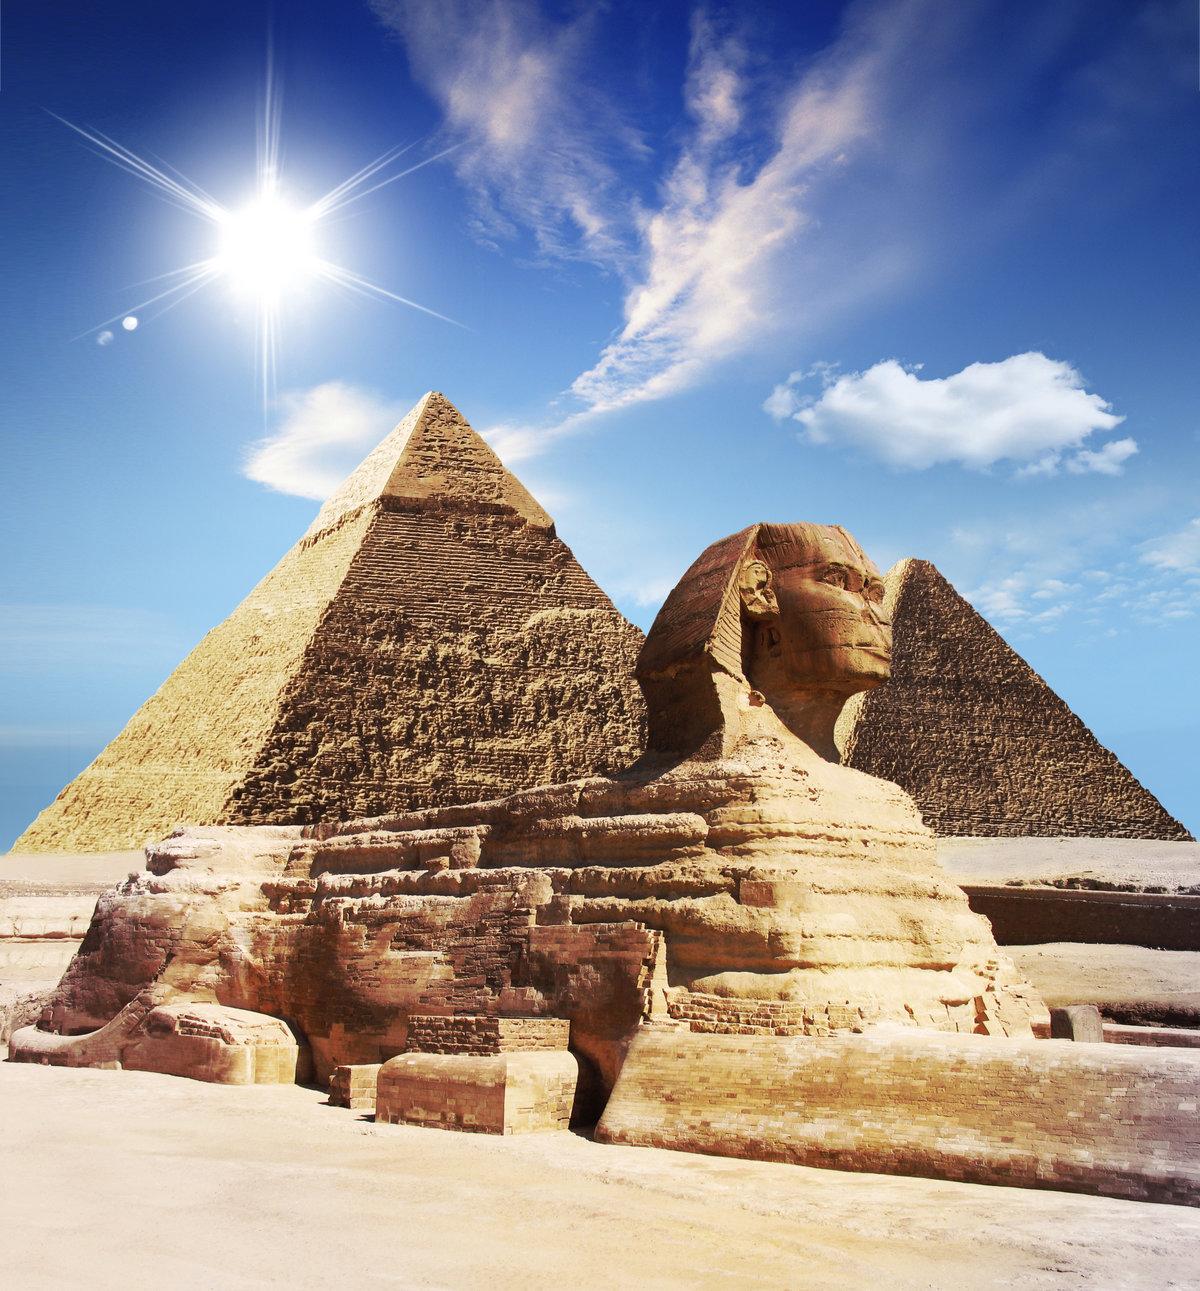 умненькие, картинки сфинкса в египте вазы двигаются